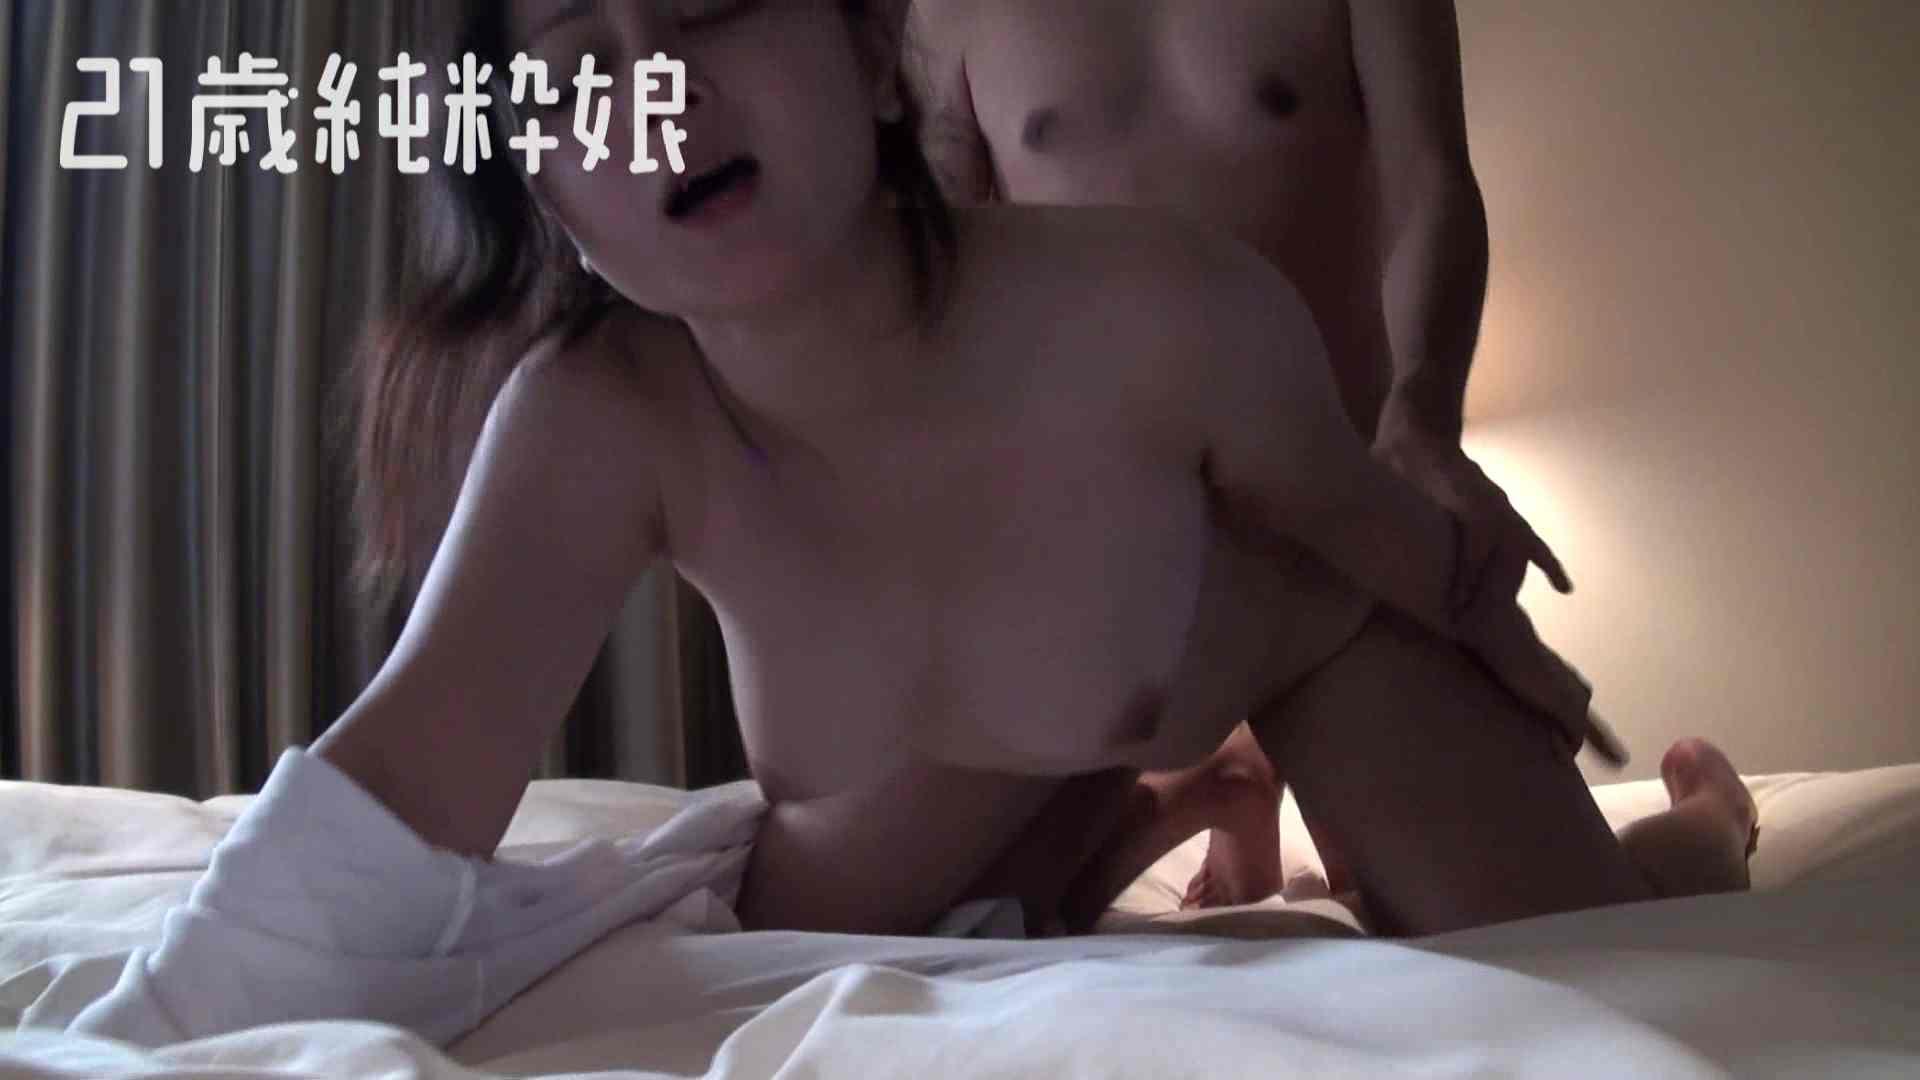 上京したばかりのGカップ21歳純粋嬢を都合の良い女にしてみた2 中出し   全裸  50pic 48